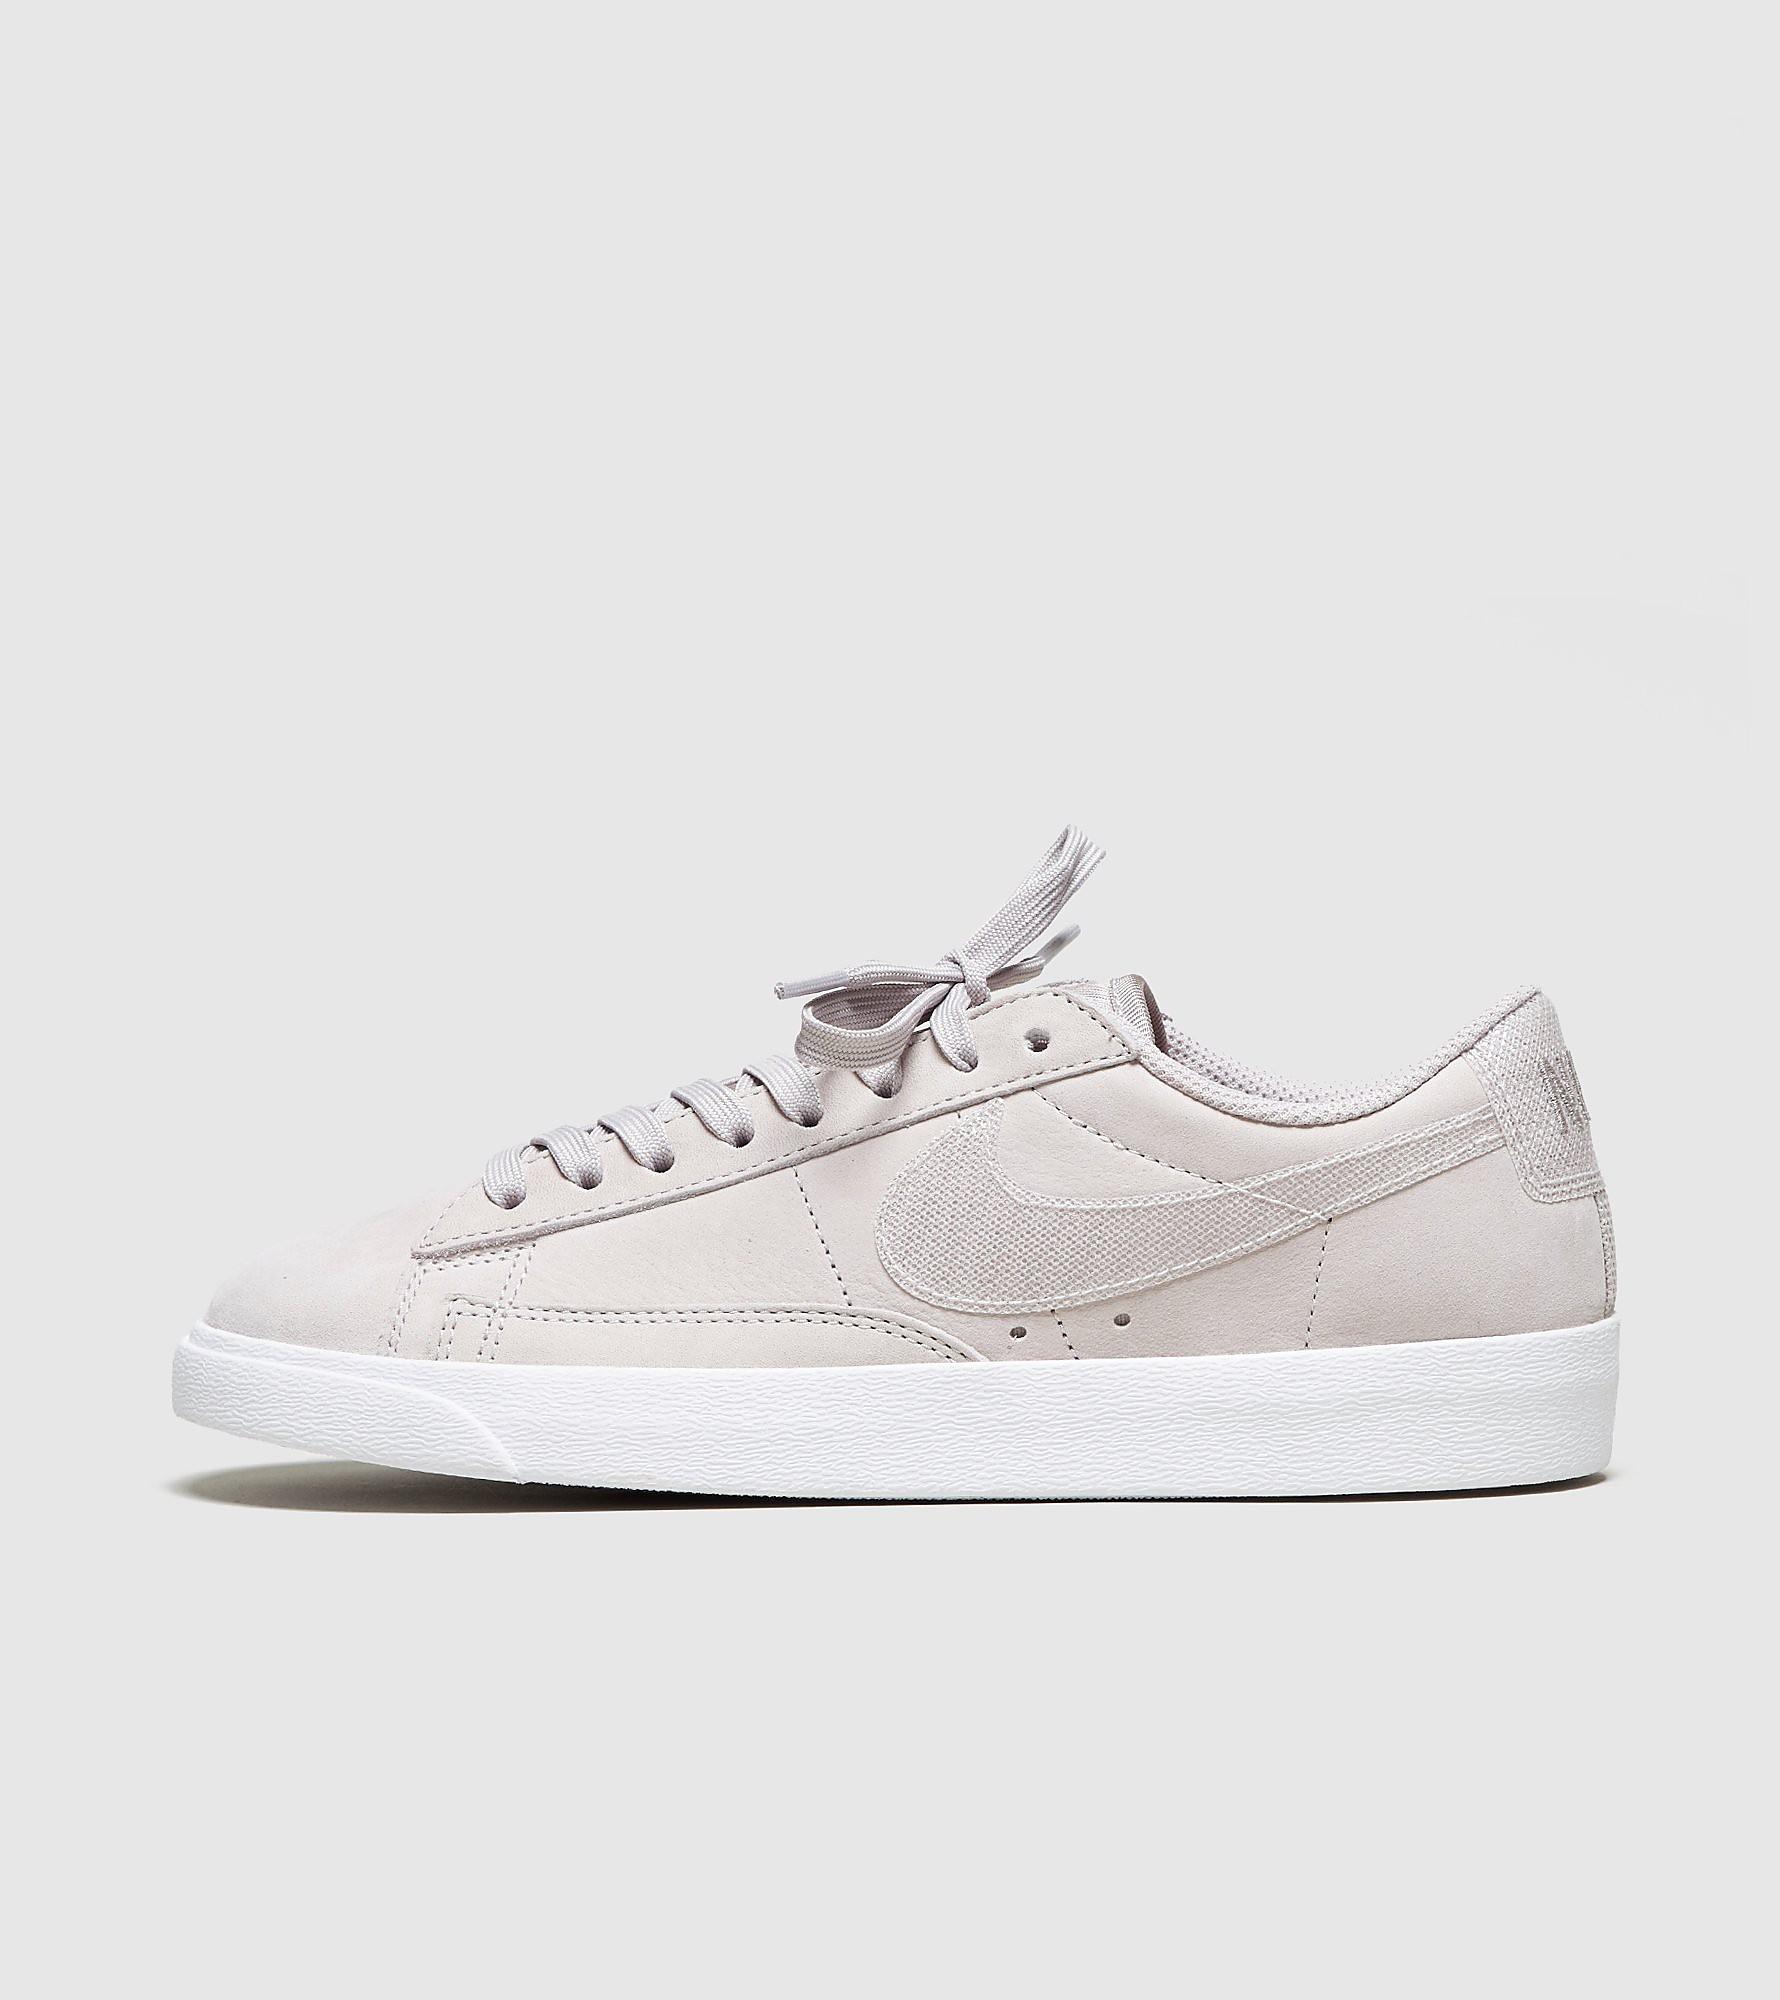 Nike Blazer Low LX Femme